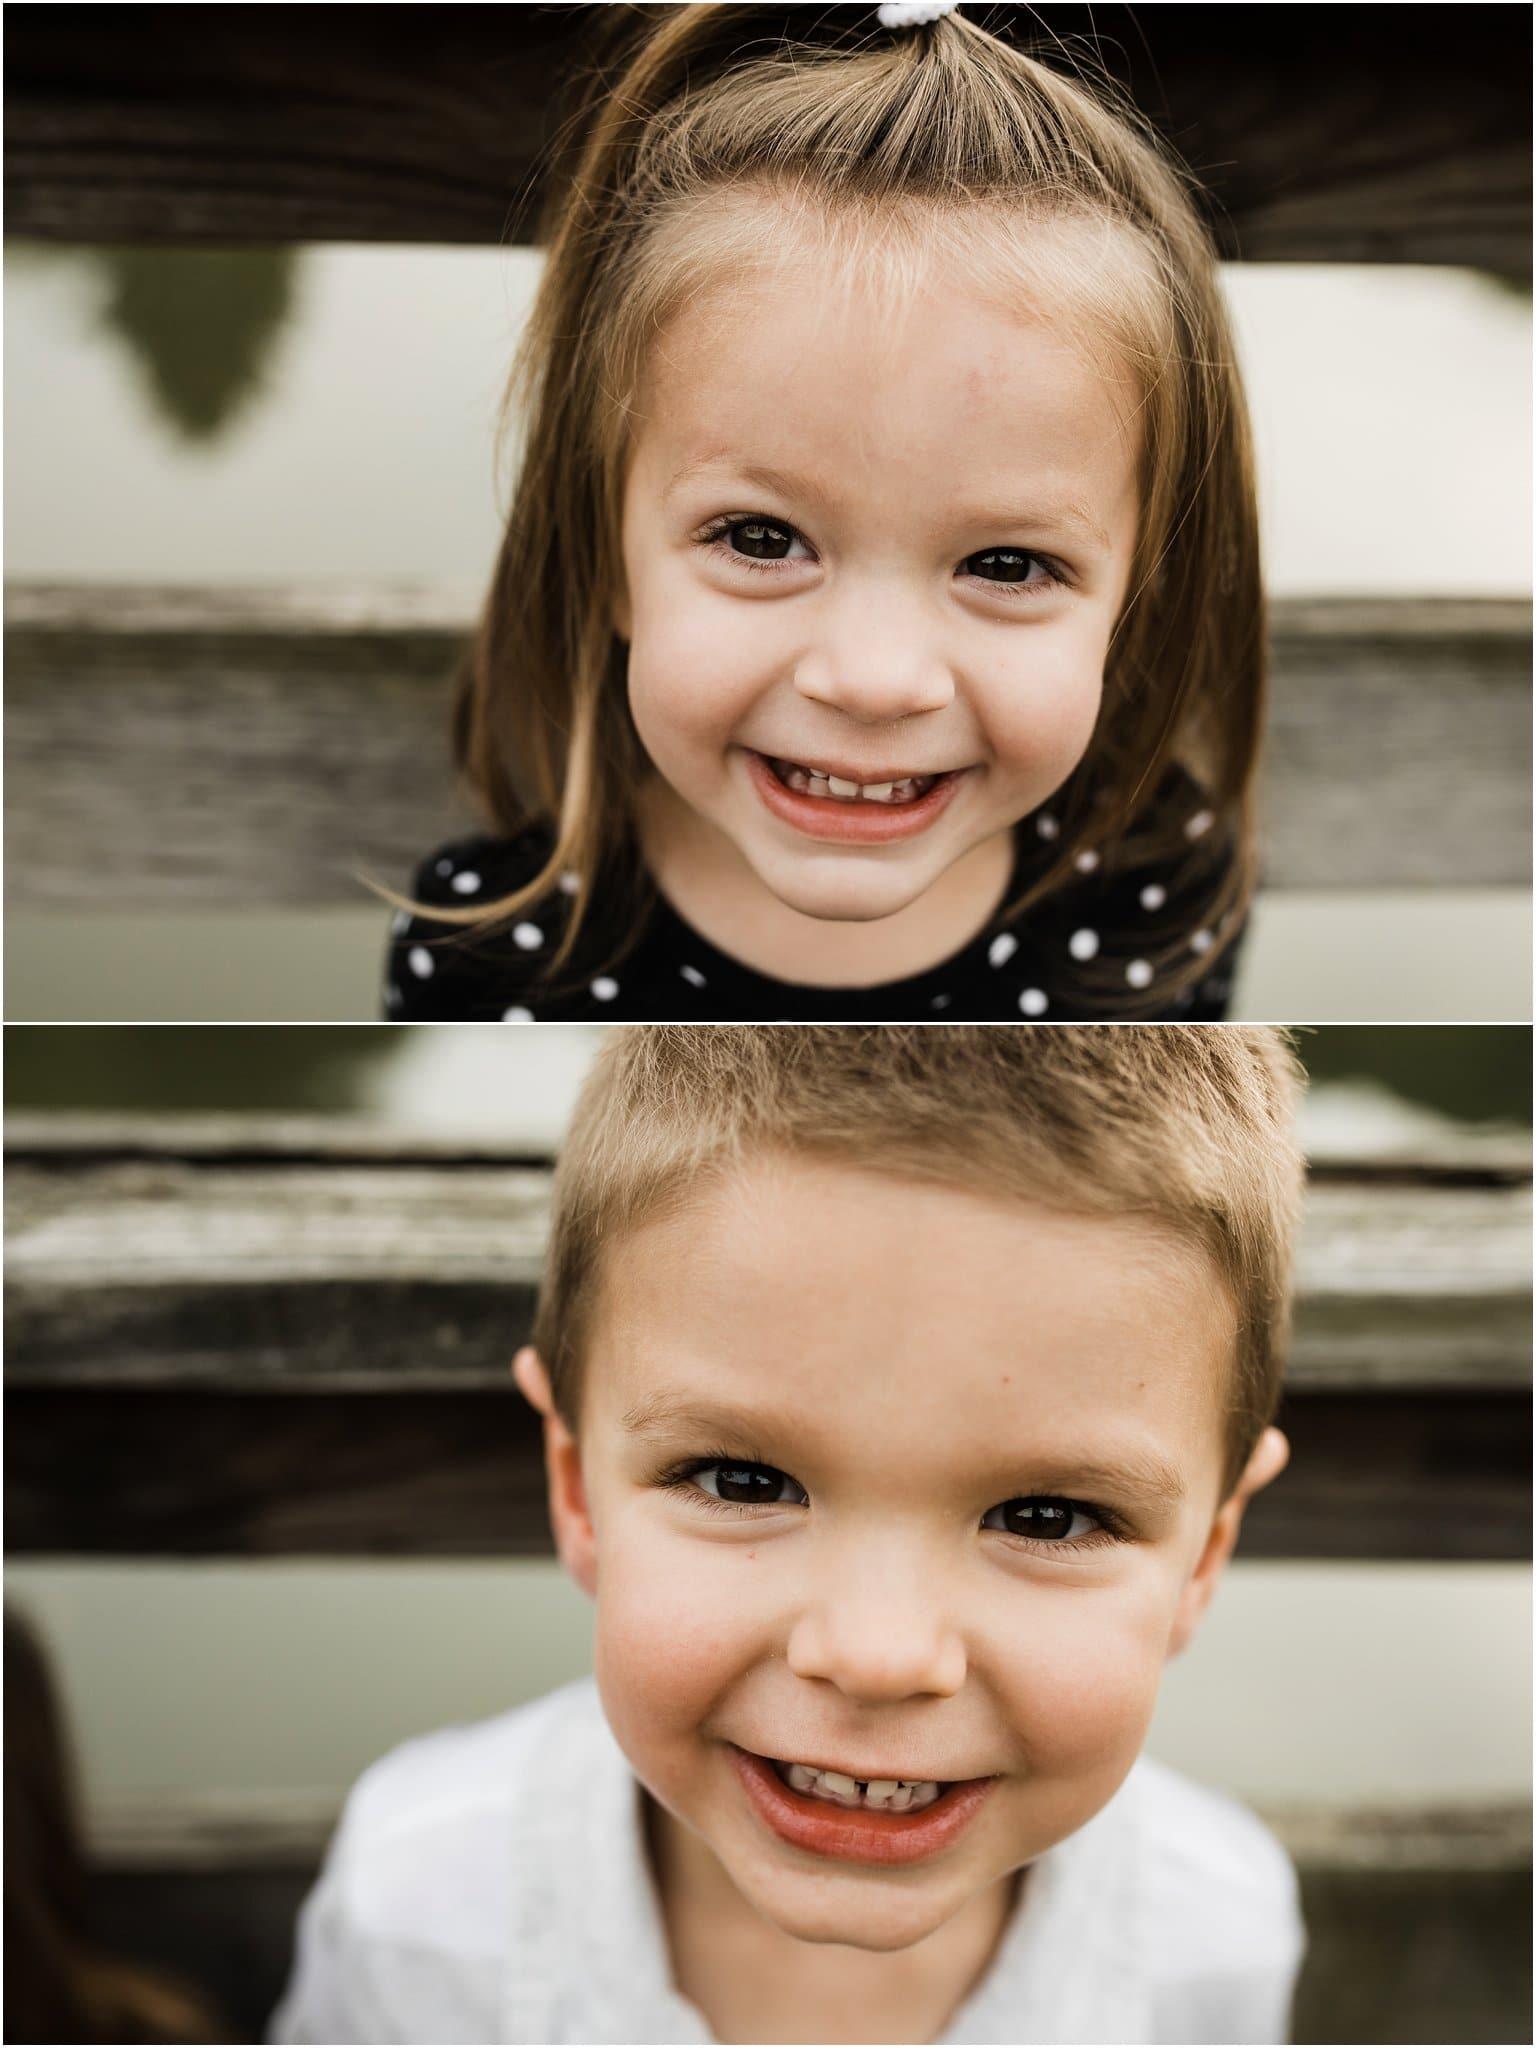 Close up child photos